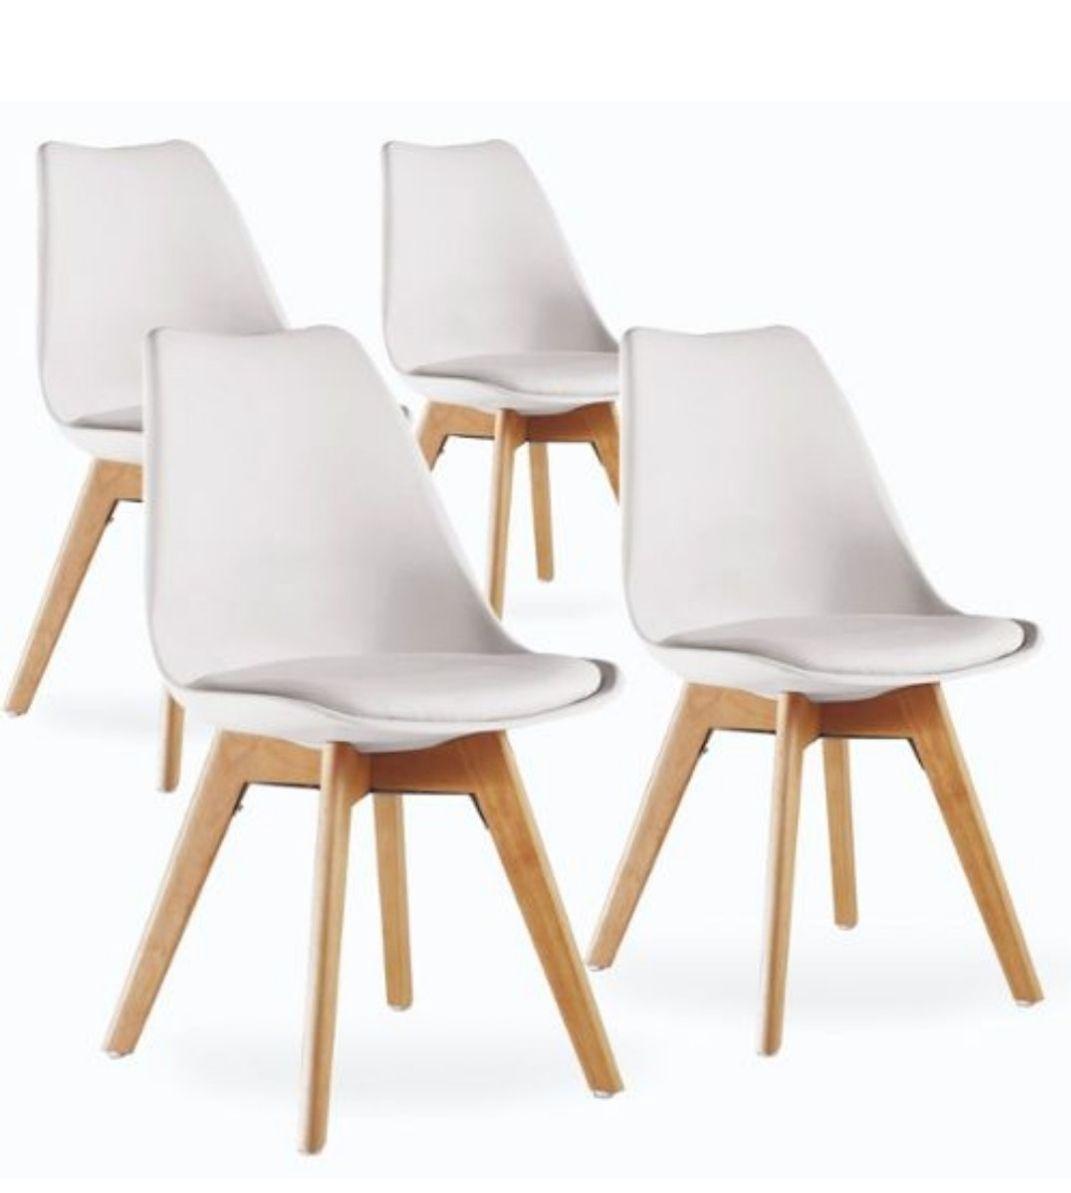 4 Chaises en bois style scandinave (+7,90€ en SuperPoints - 72.99€ avec le code RAKUETN7)